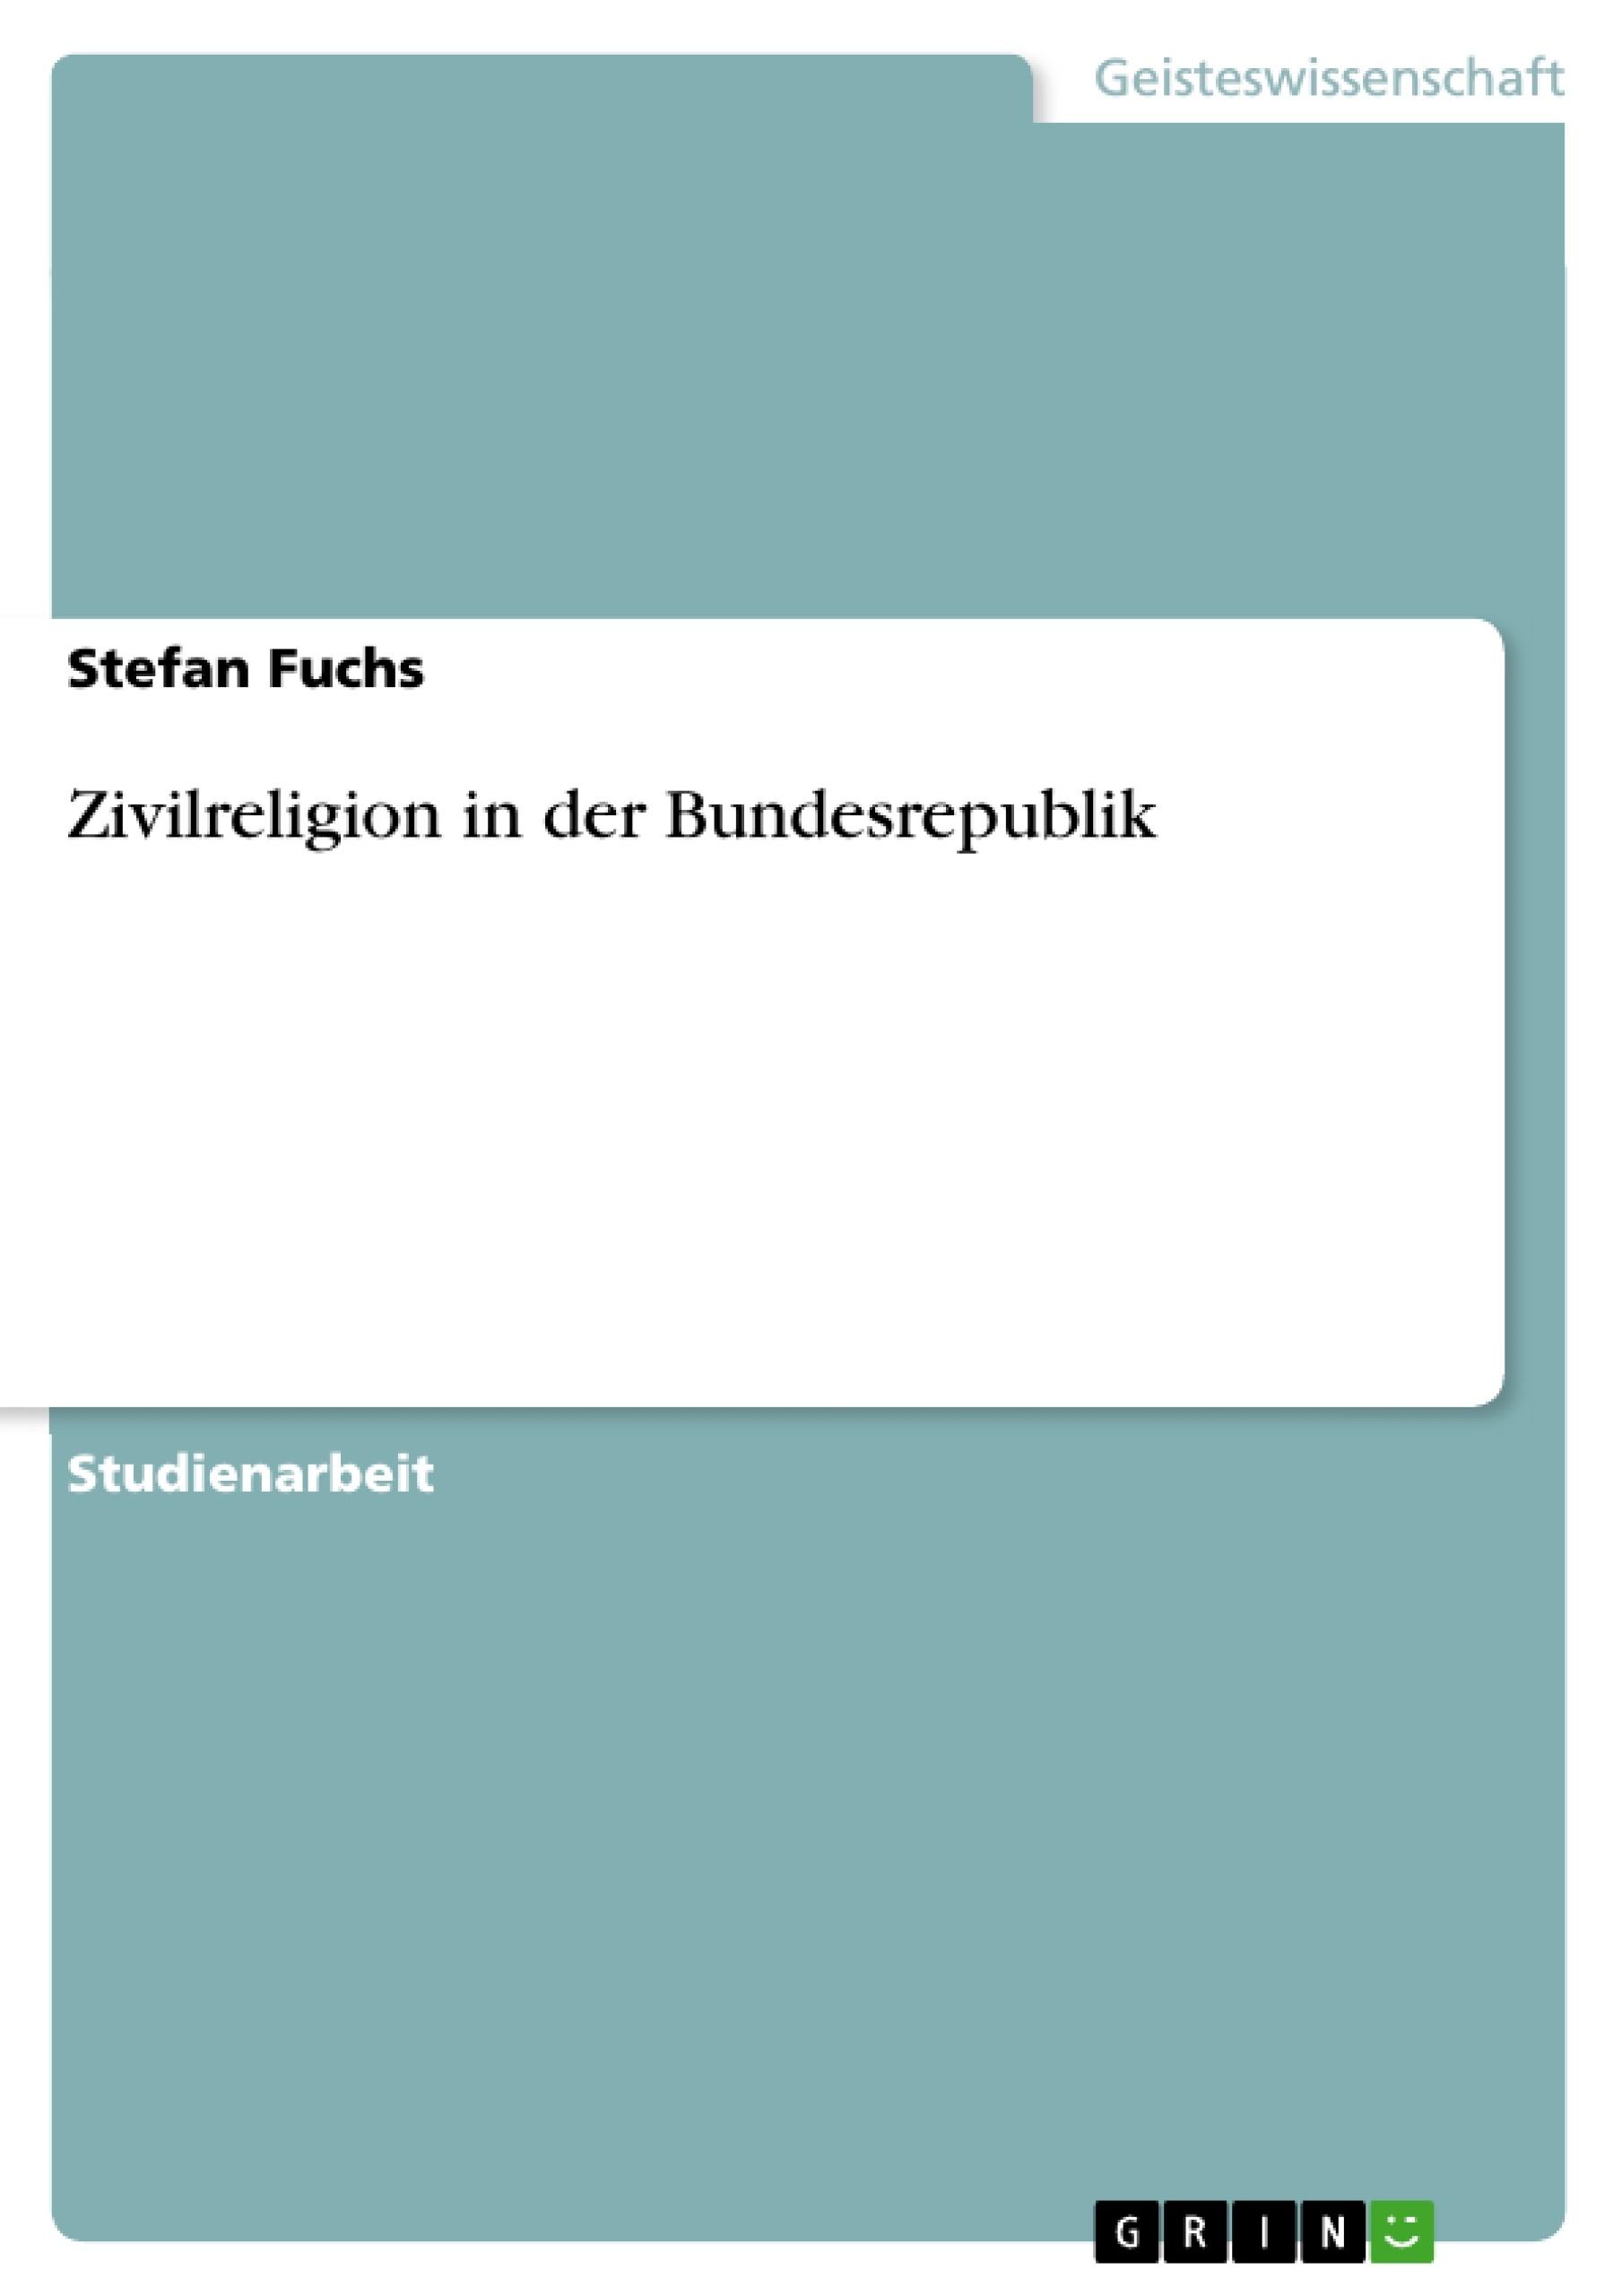 Titel: Zivilreligion in der Bundesrepublik